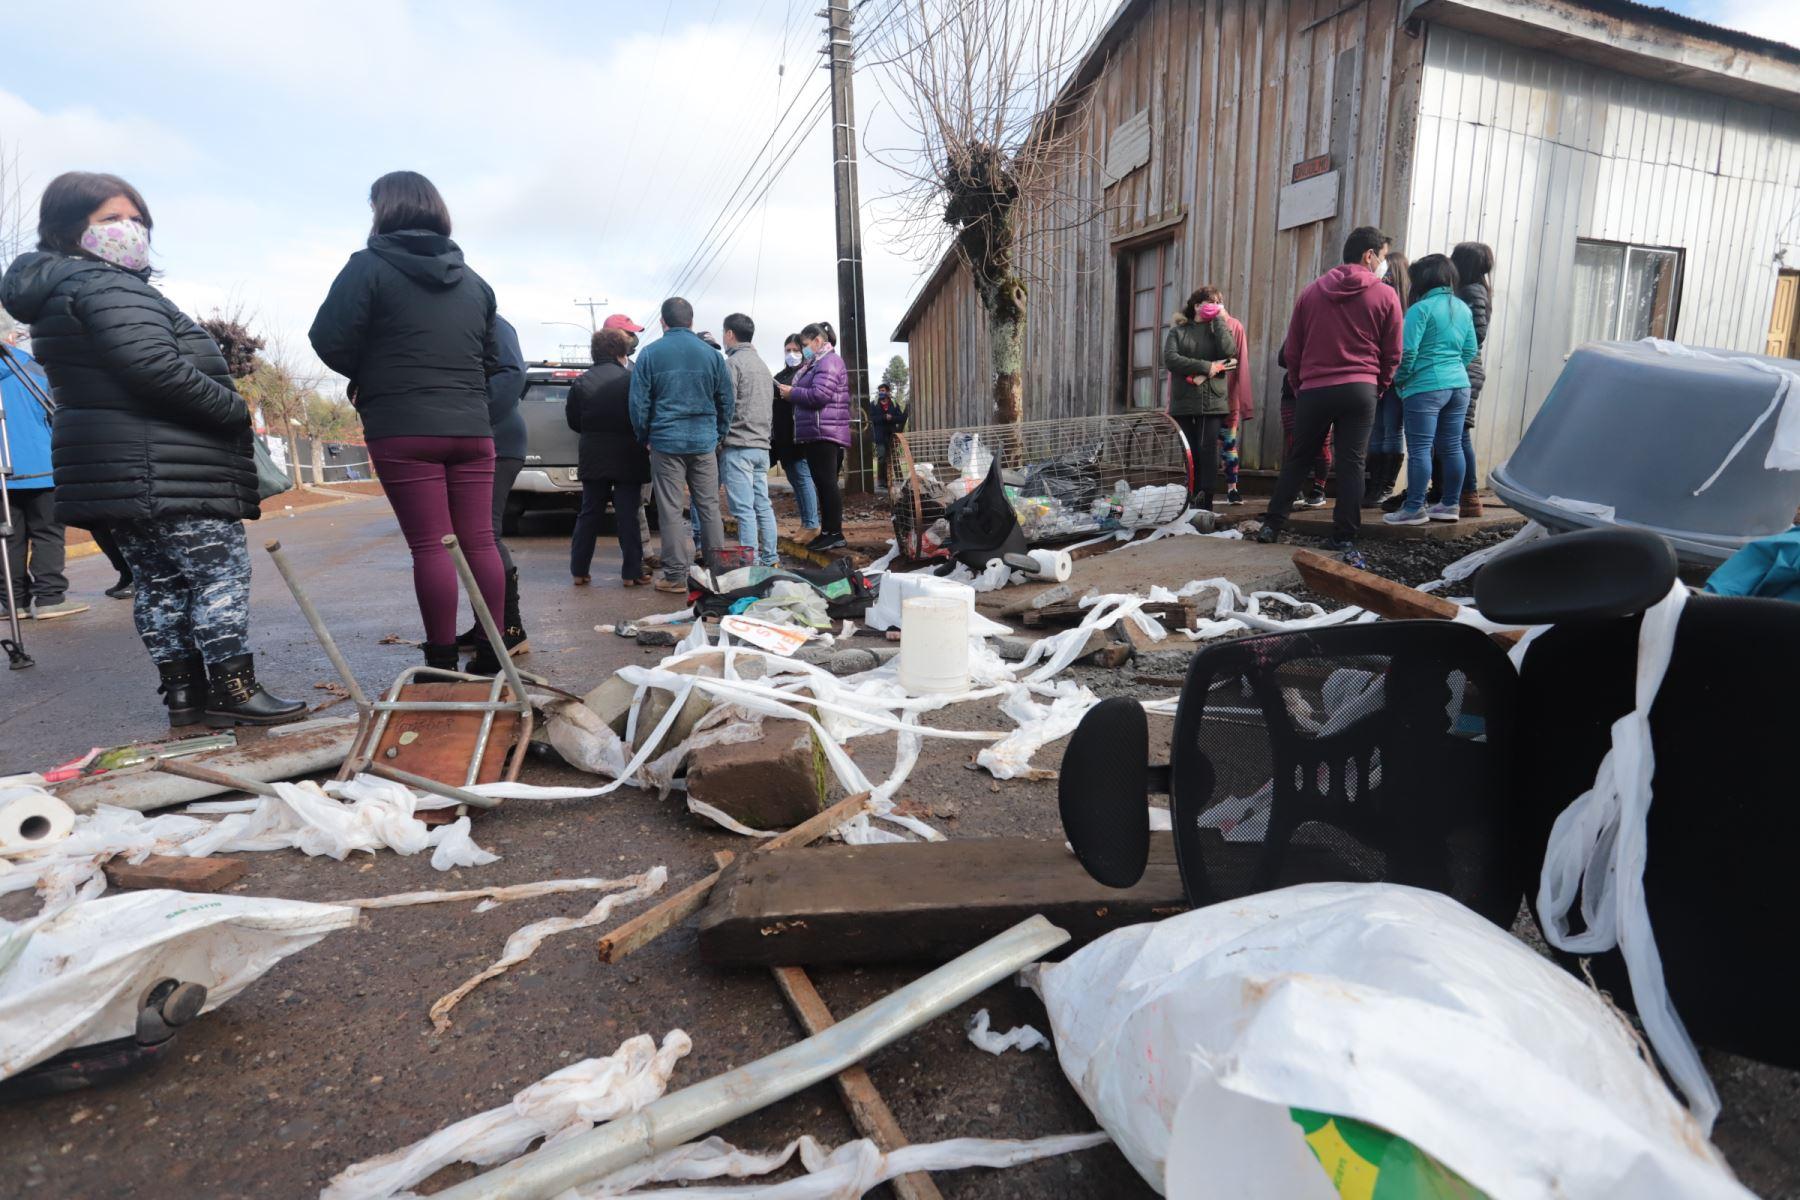 Un grupo de vecinos observan los daños frente al municipio de Ercilla, región de la Araucanía, sur de Chile después de que fue destruido durante las protestas. Foto: AFP